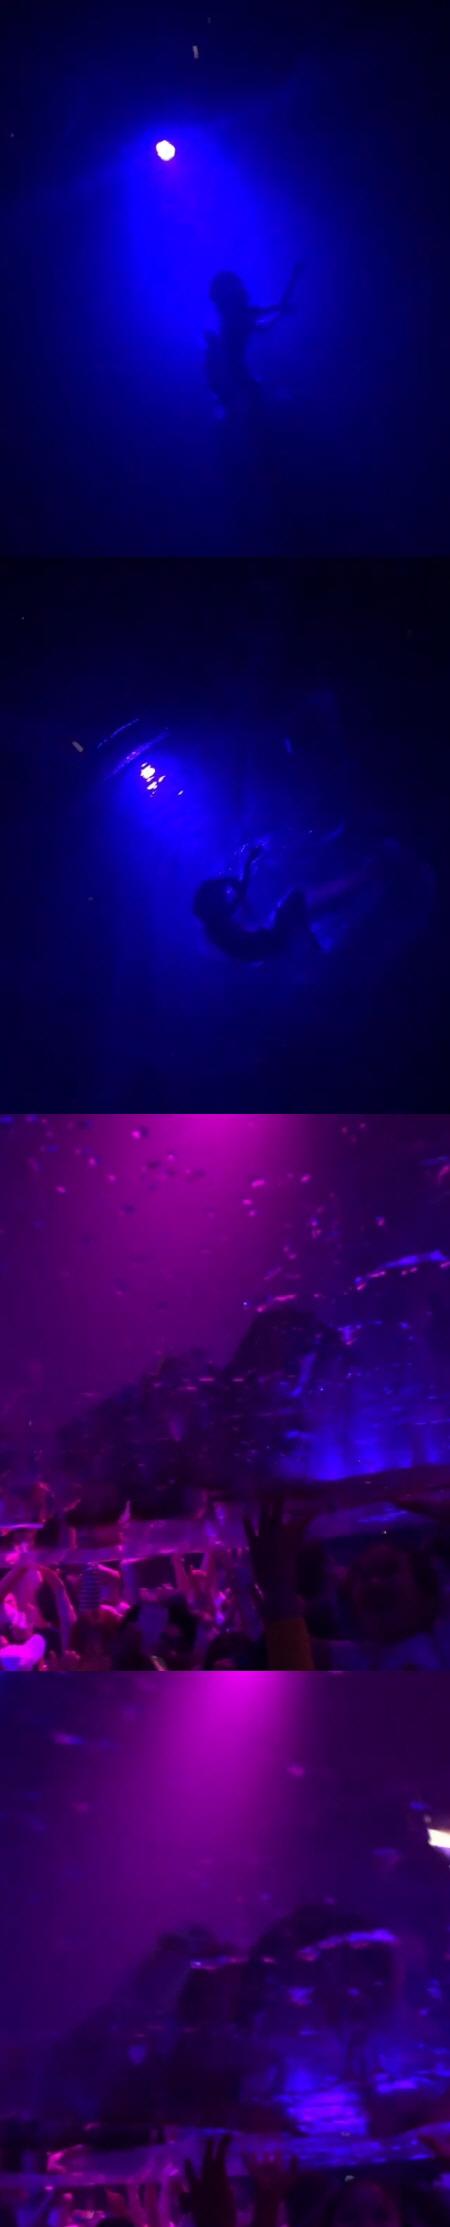 엄정화, 올케 윤혜진 '푸에르자부르타' 공연에 '무대 위 혜진은 빛난다' 극찬